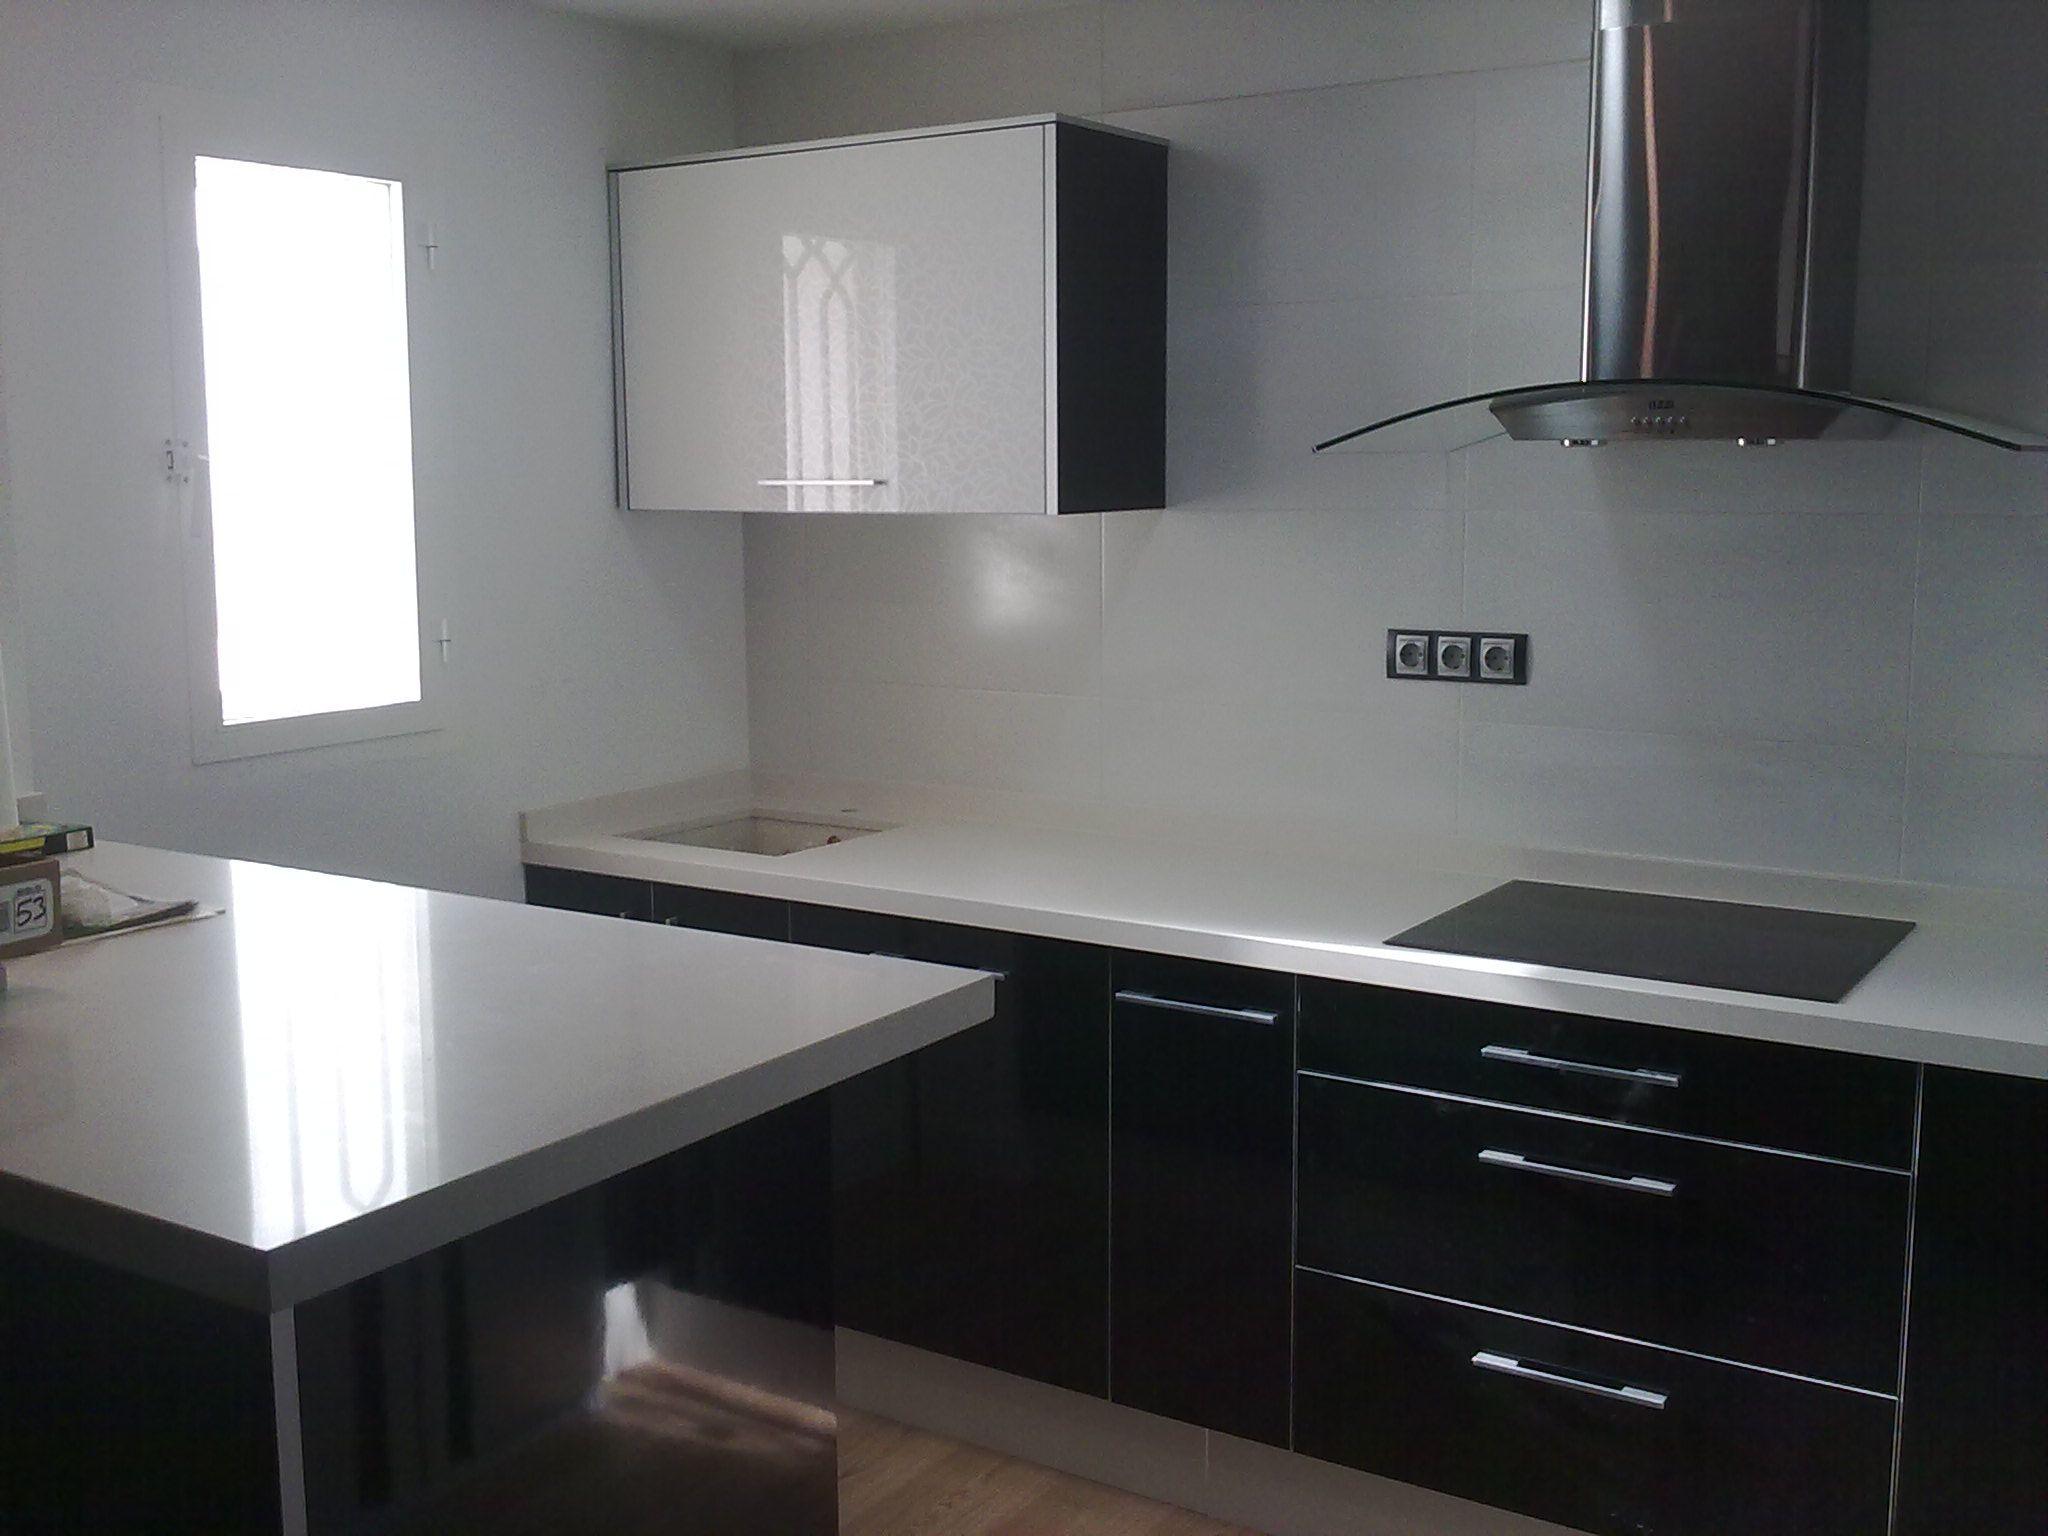 Cocina negra y blanca fotos de cocinas pinterest for Cocina blanca encimera negra